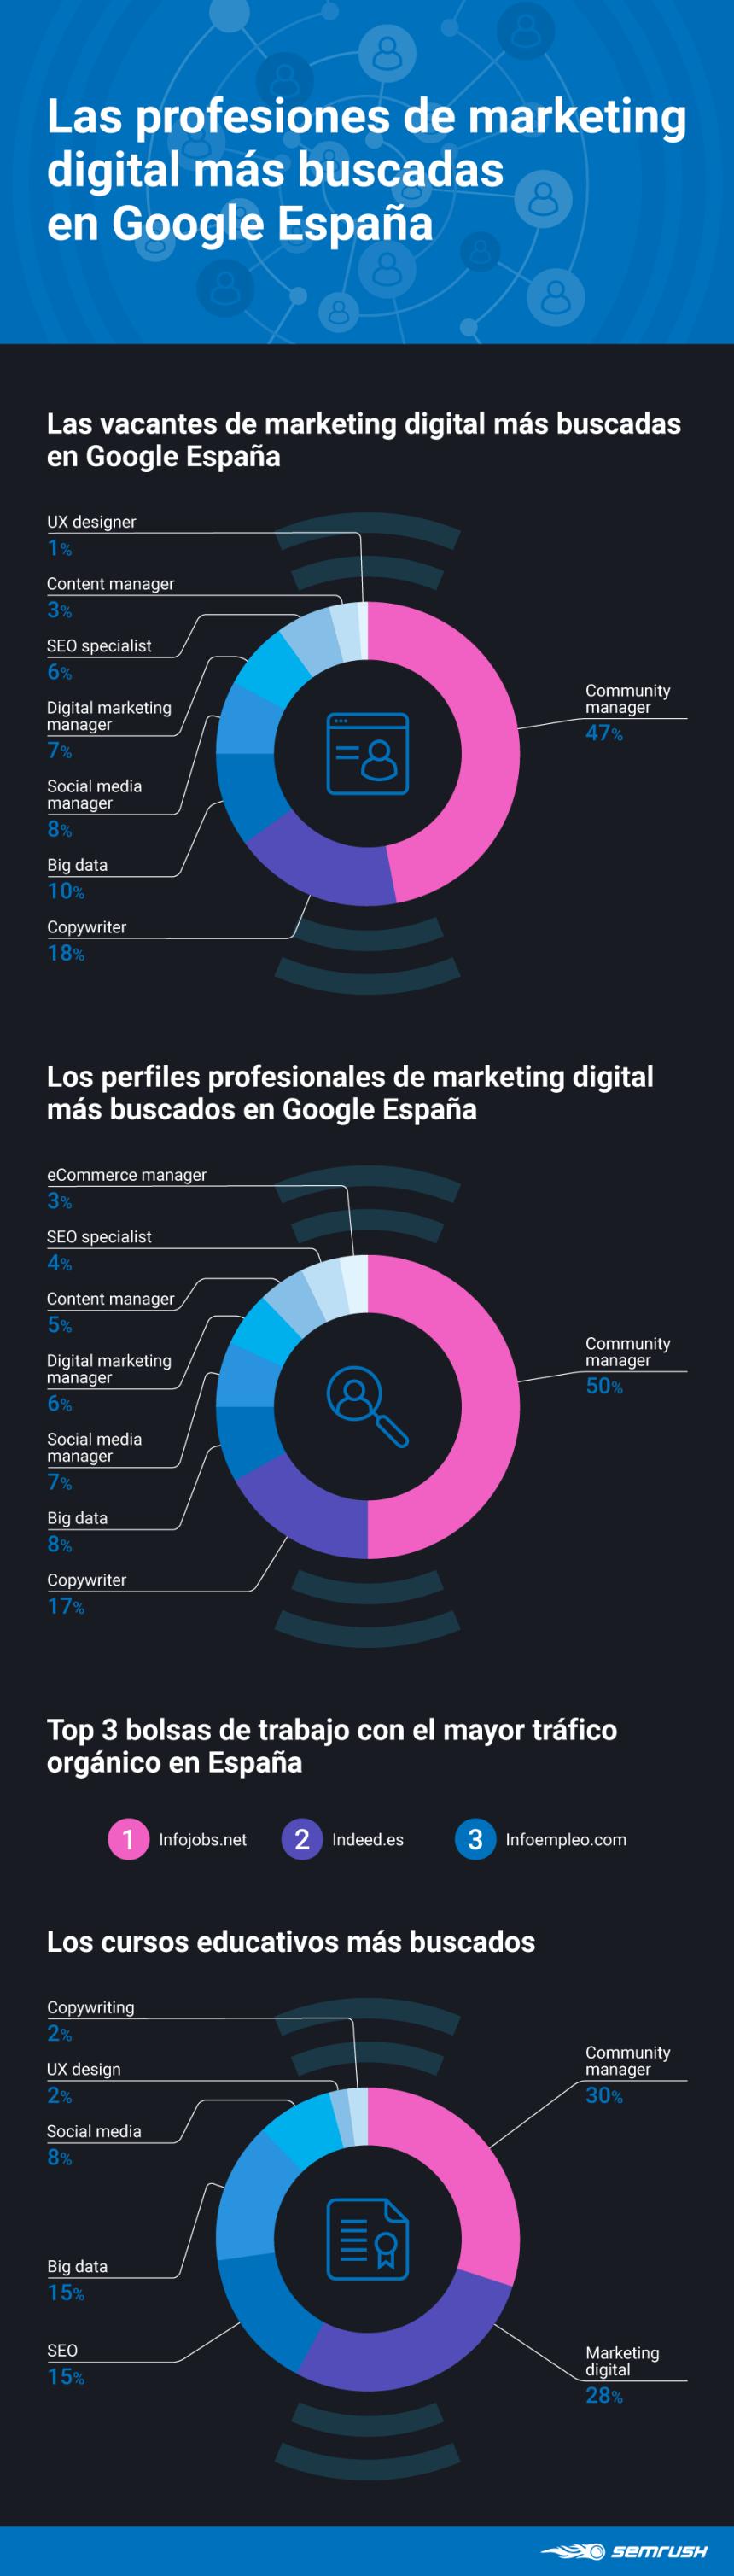 Profesiones de Marketing Digital más buscadas en Google España